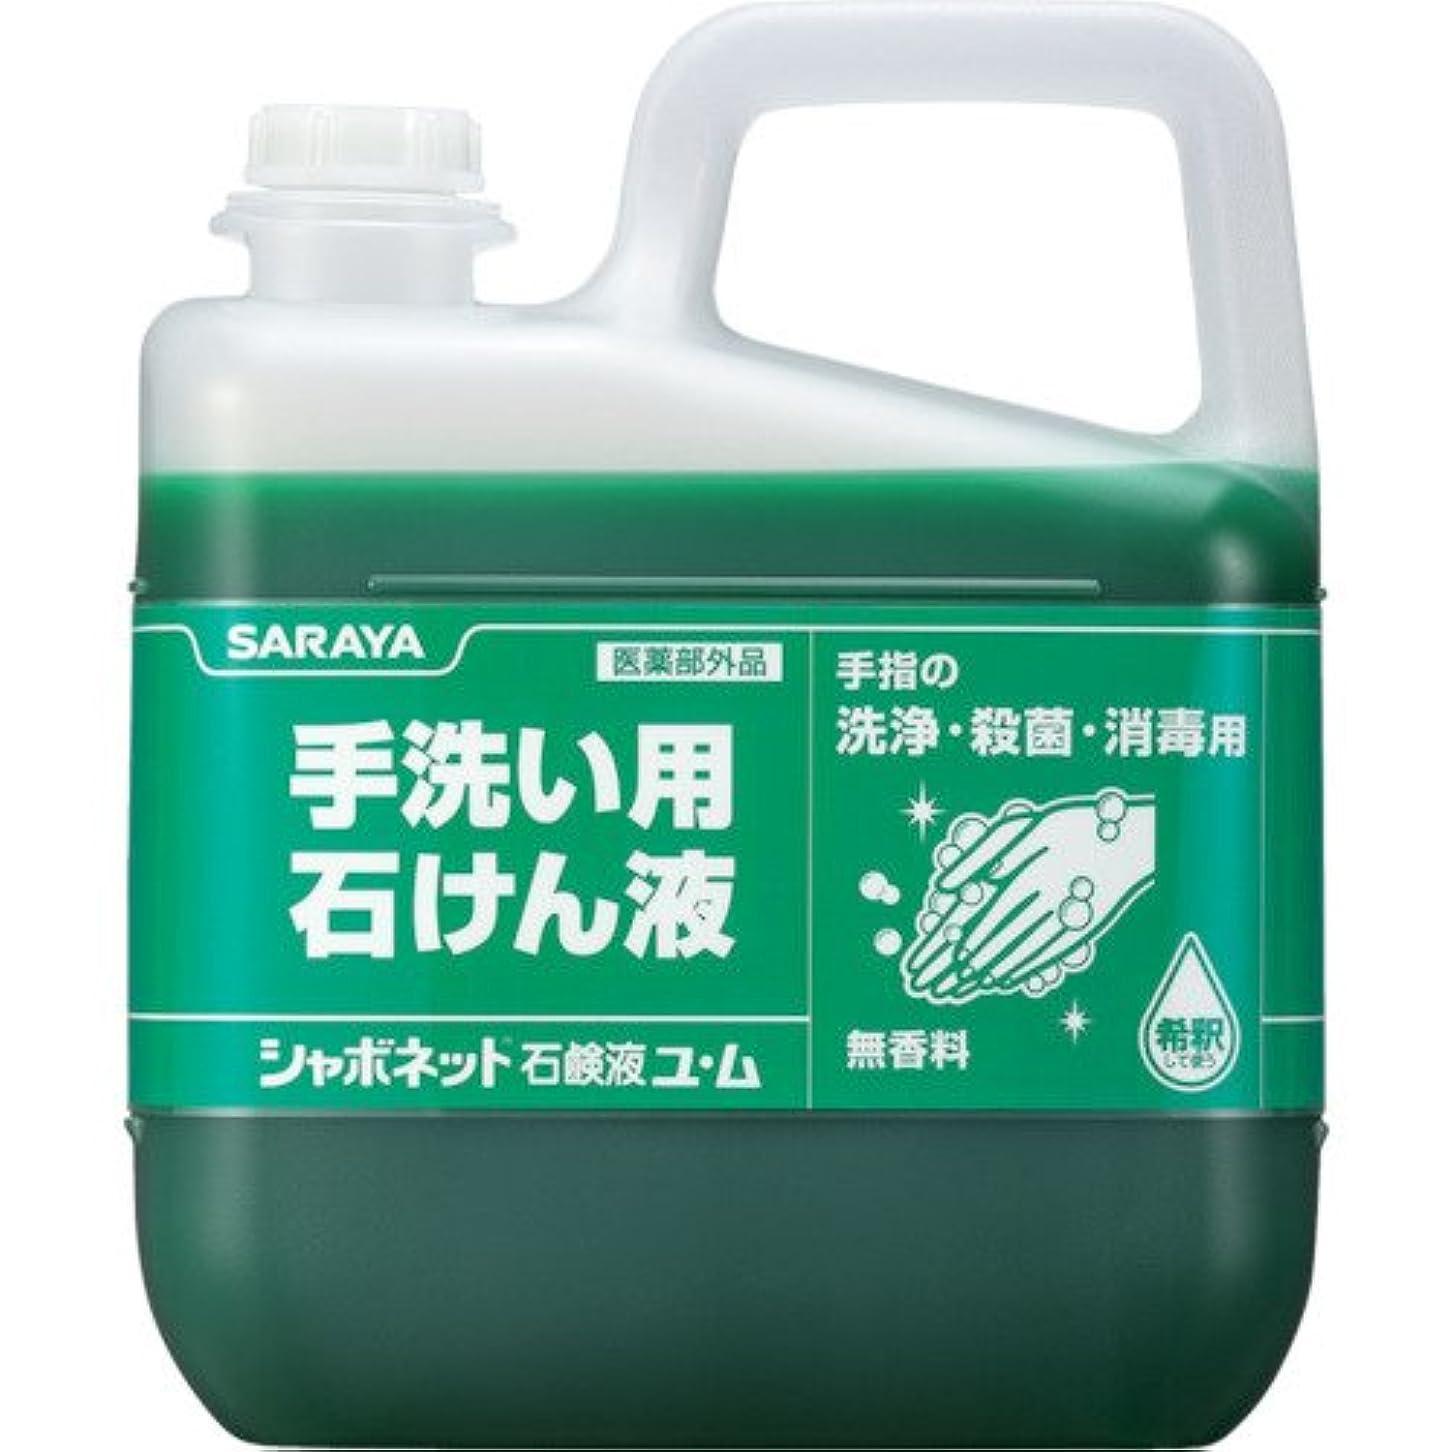 抵抗する踏みつけ逆さまにサラヤ ハンドソープ シャボネット石鹸液ユ?ム 5kg